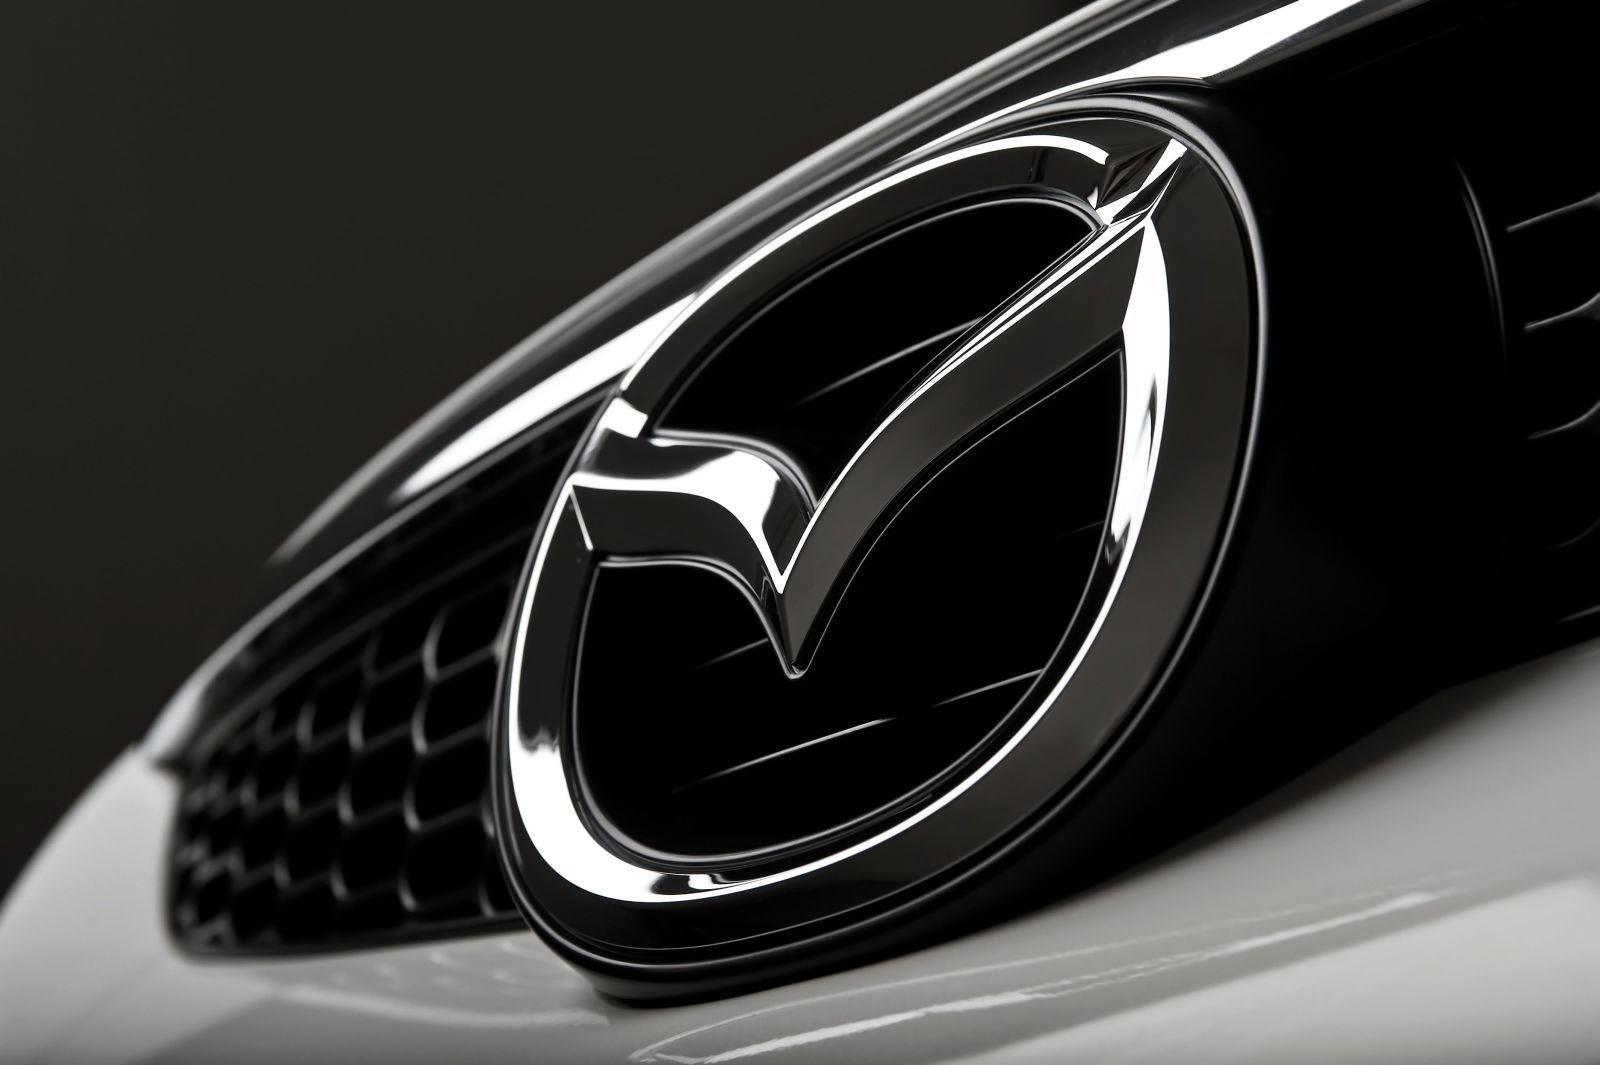 Histoire de la marque de voiture japonaise Mazda